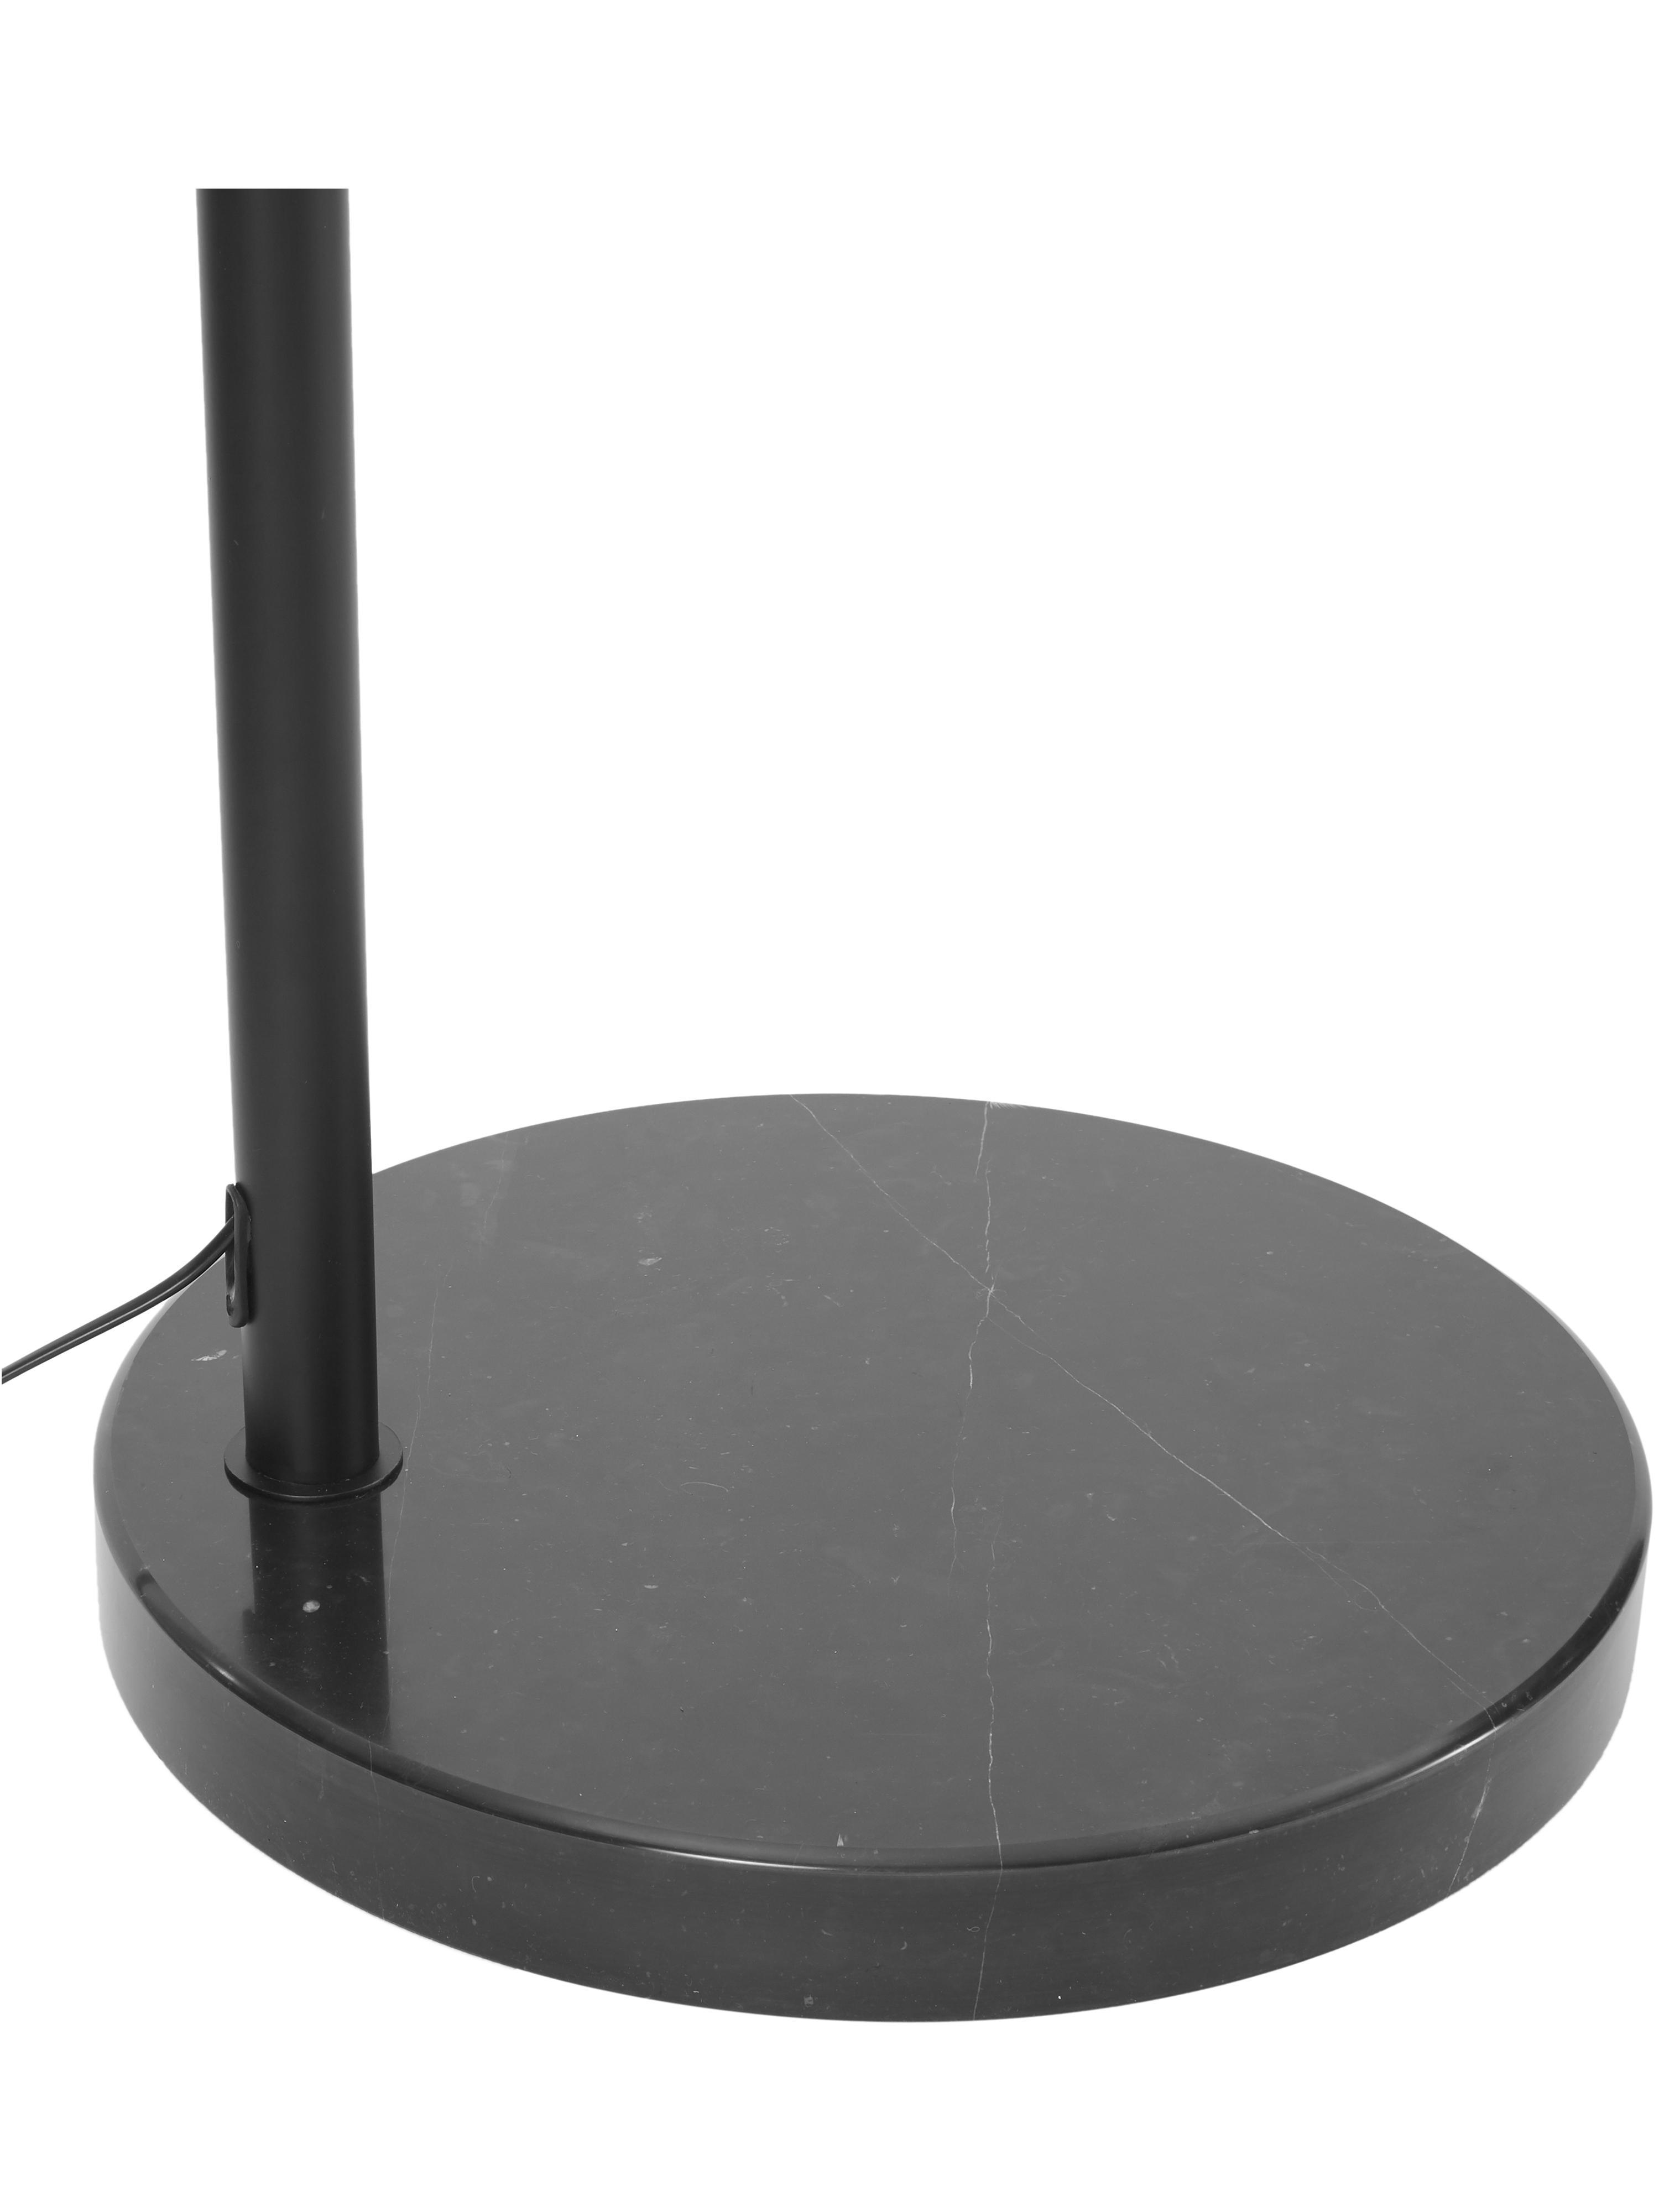 Bogenlampe Toronto mit Marmorfuß, Lampenschirm: Metall, pulverbeschichtet, Lampenfuß: Marmor, Gestell: Metall, pulverbeschichtet, Schwarz, 190 x 198 cm